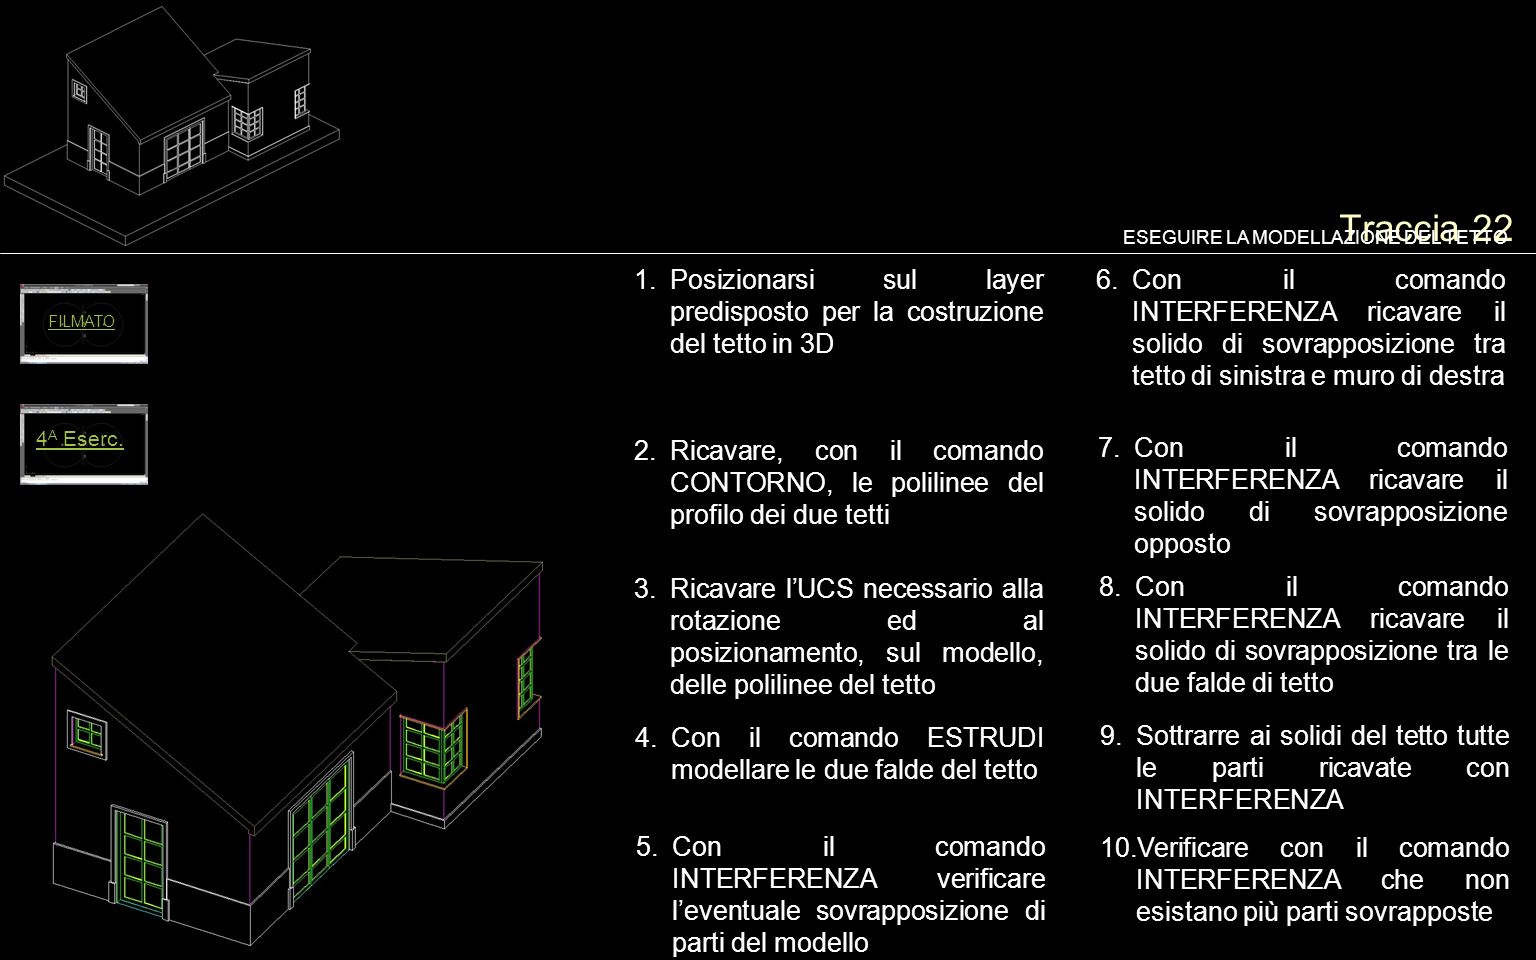 Traccia 22 ESEGUIRE LA MODELLAZIONE DEL TETTO. Posizionarsi sul layer predisposto per la costruzione del tetto in 3D.